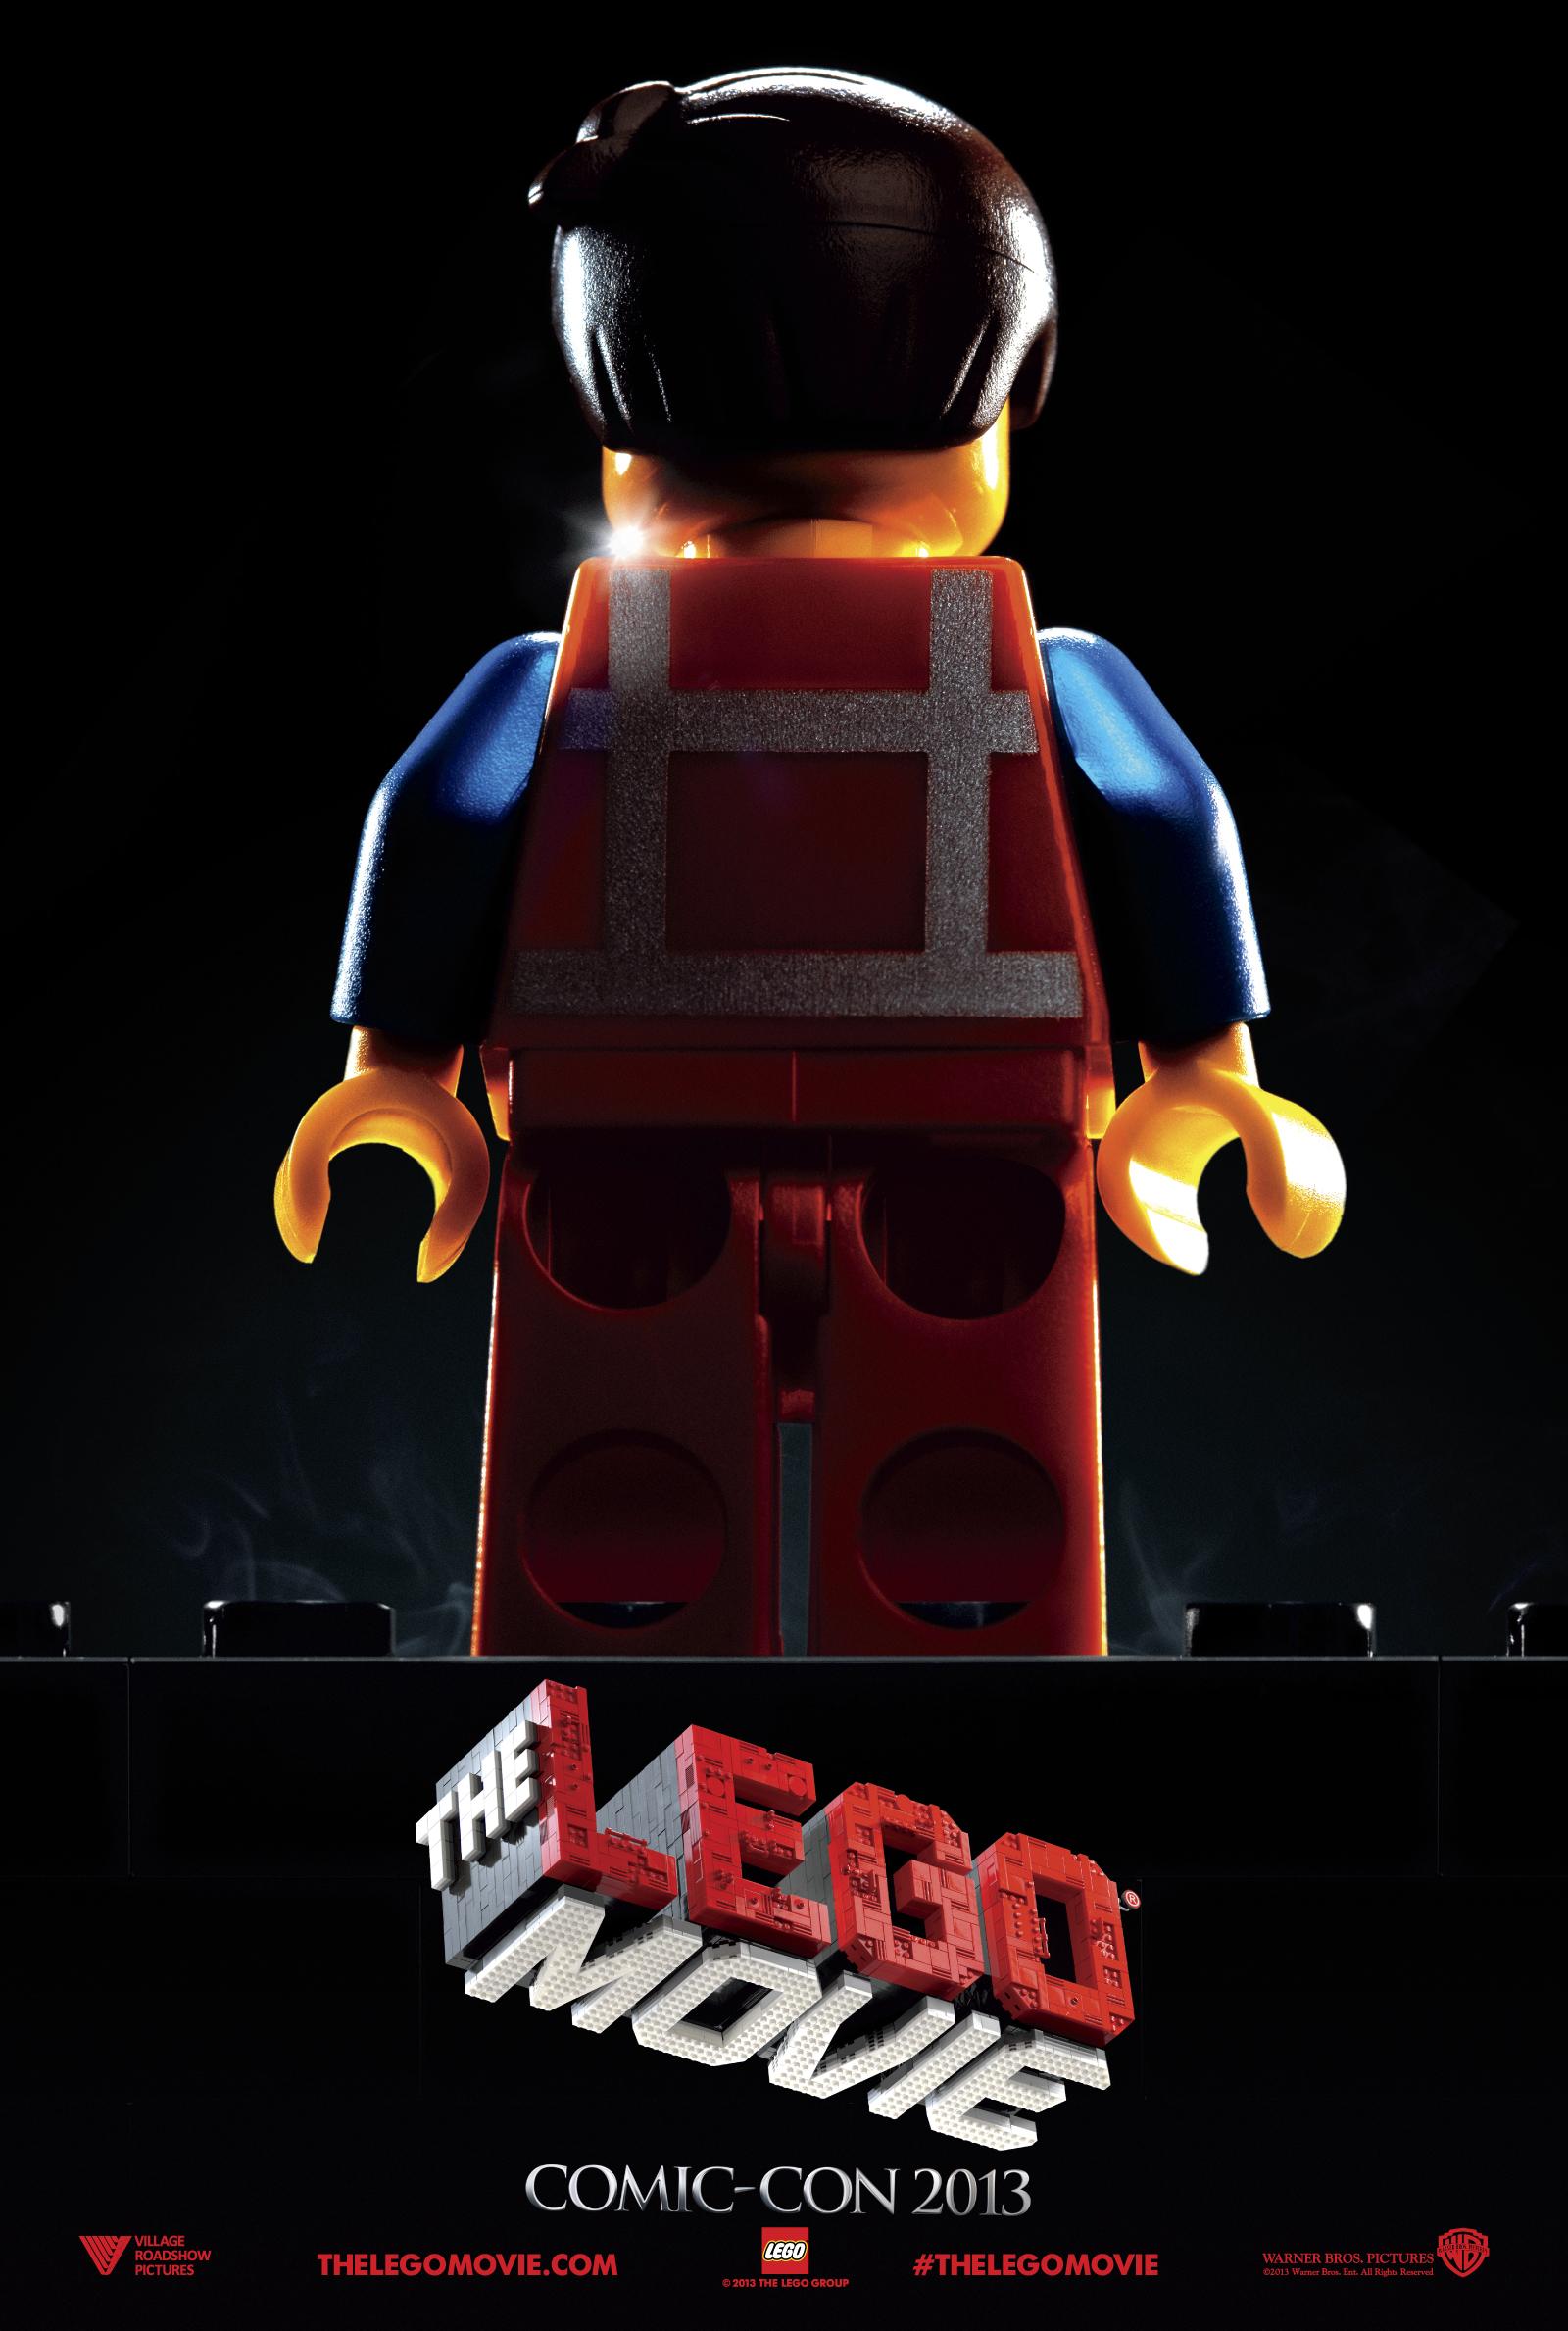 The-LEGO-Movie-Comic-Con-Poster